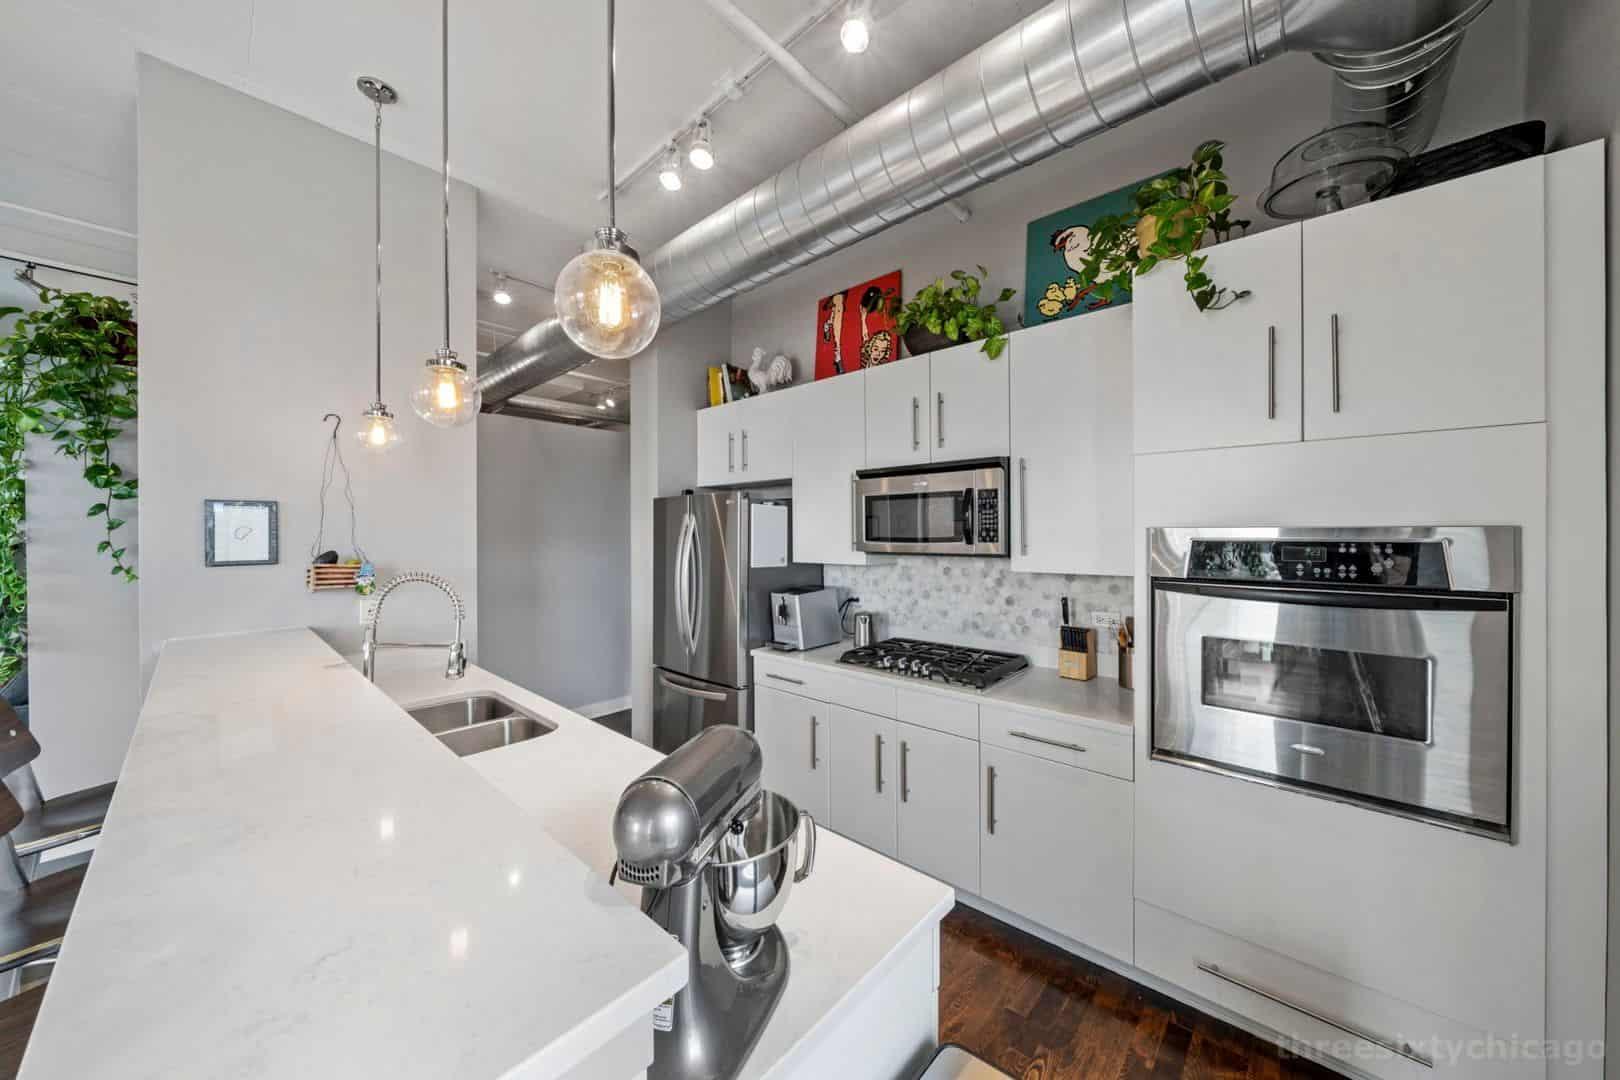 740 W Fulton, Unit 1102 - Kitchen